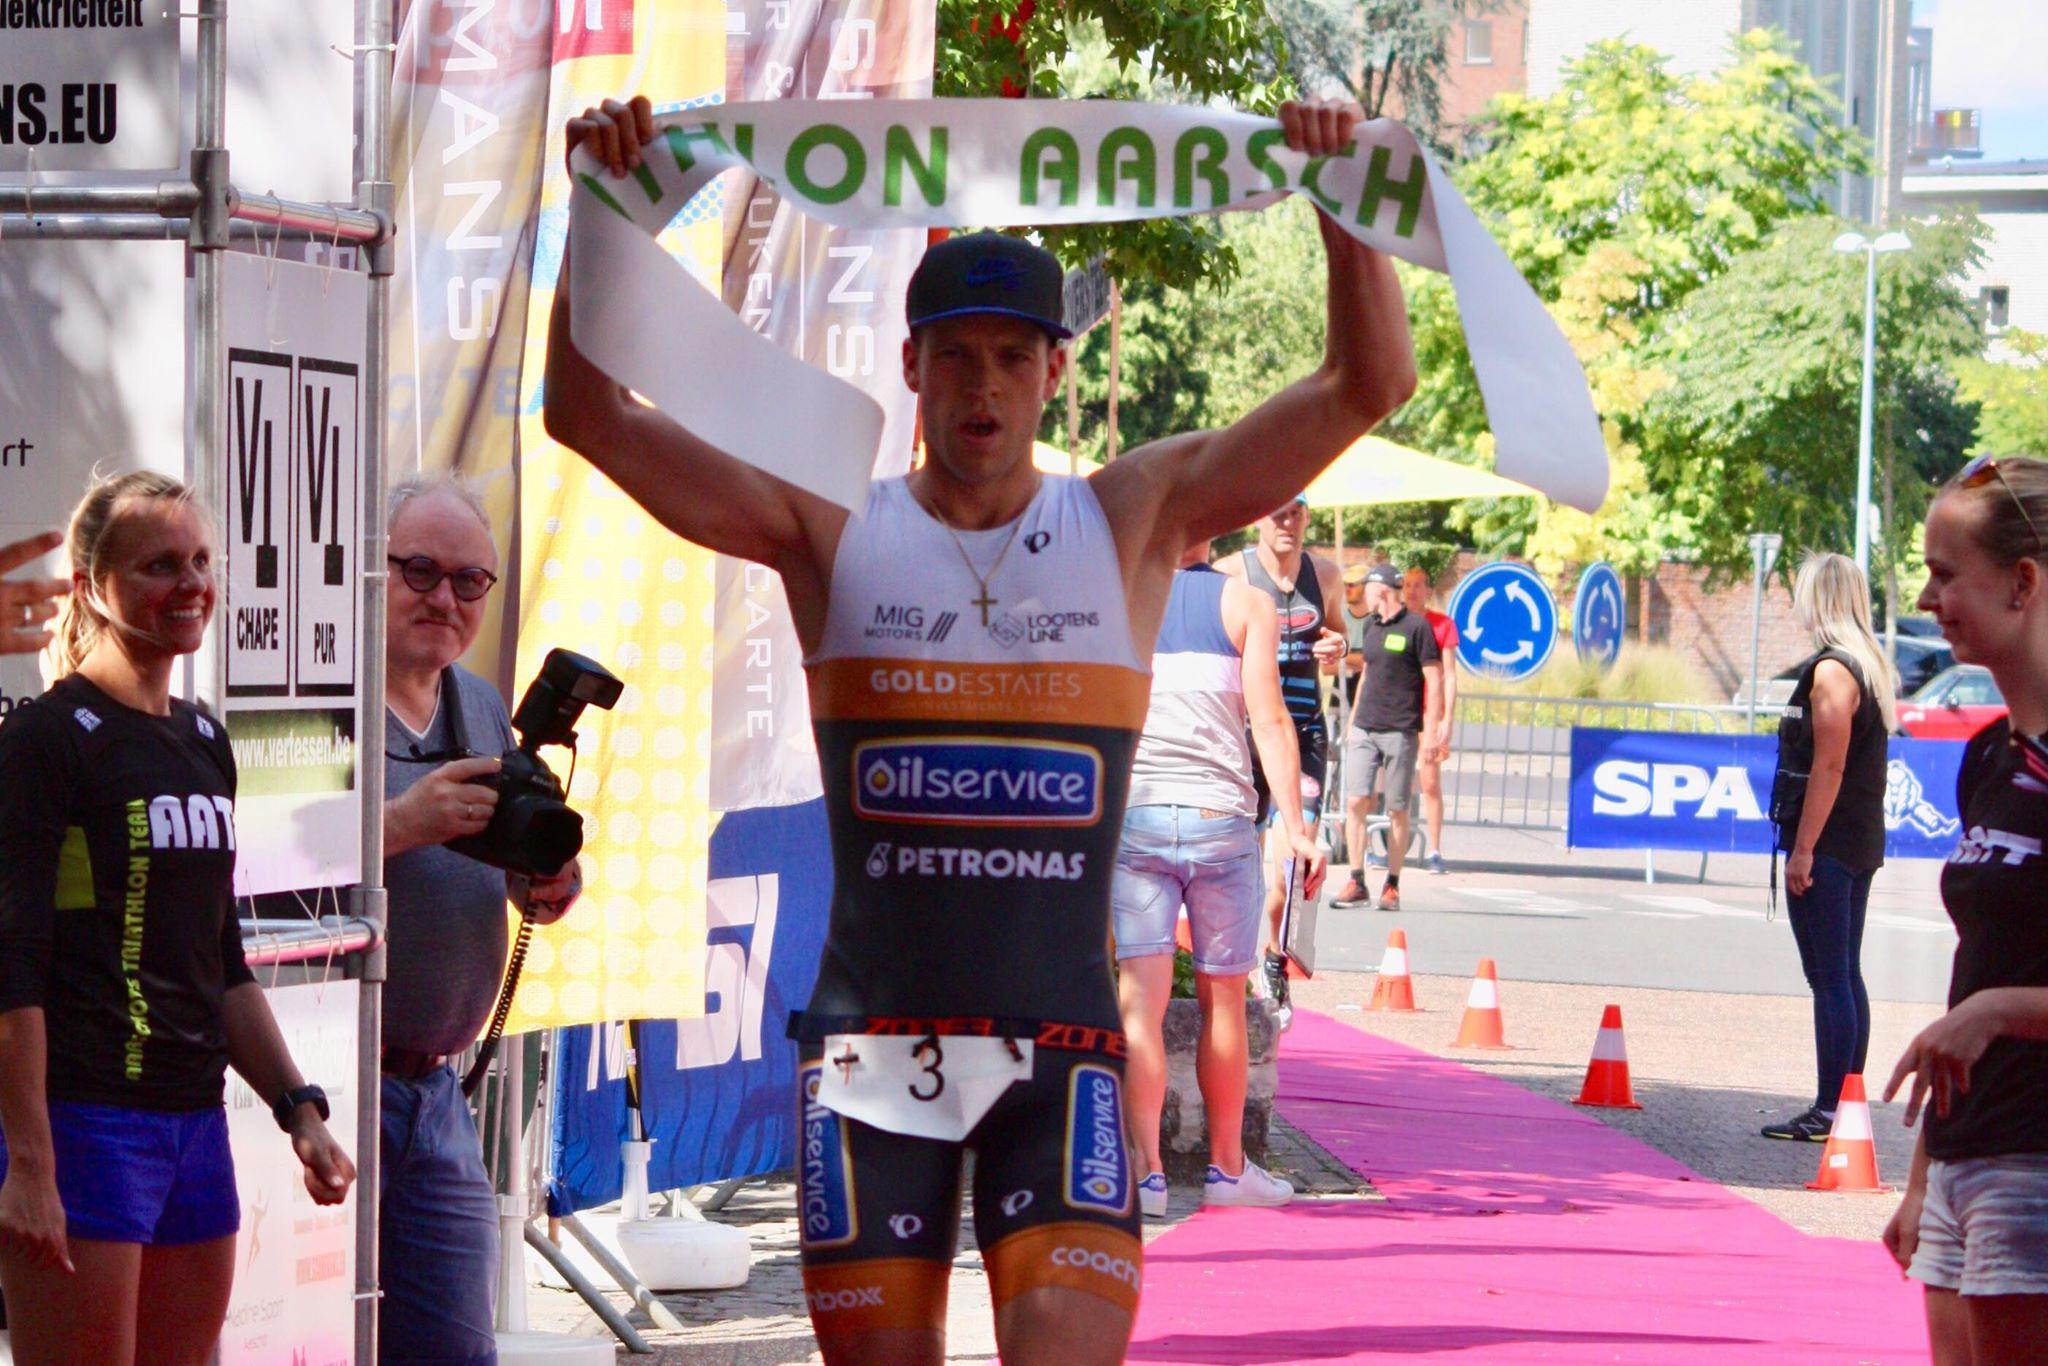 Kjel De Hertog Aarschot finish